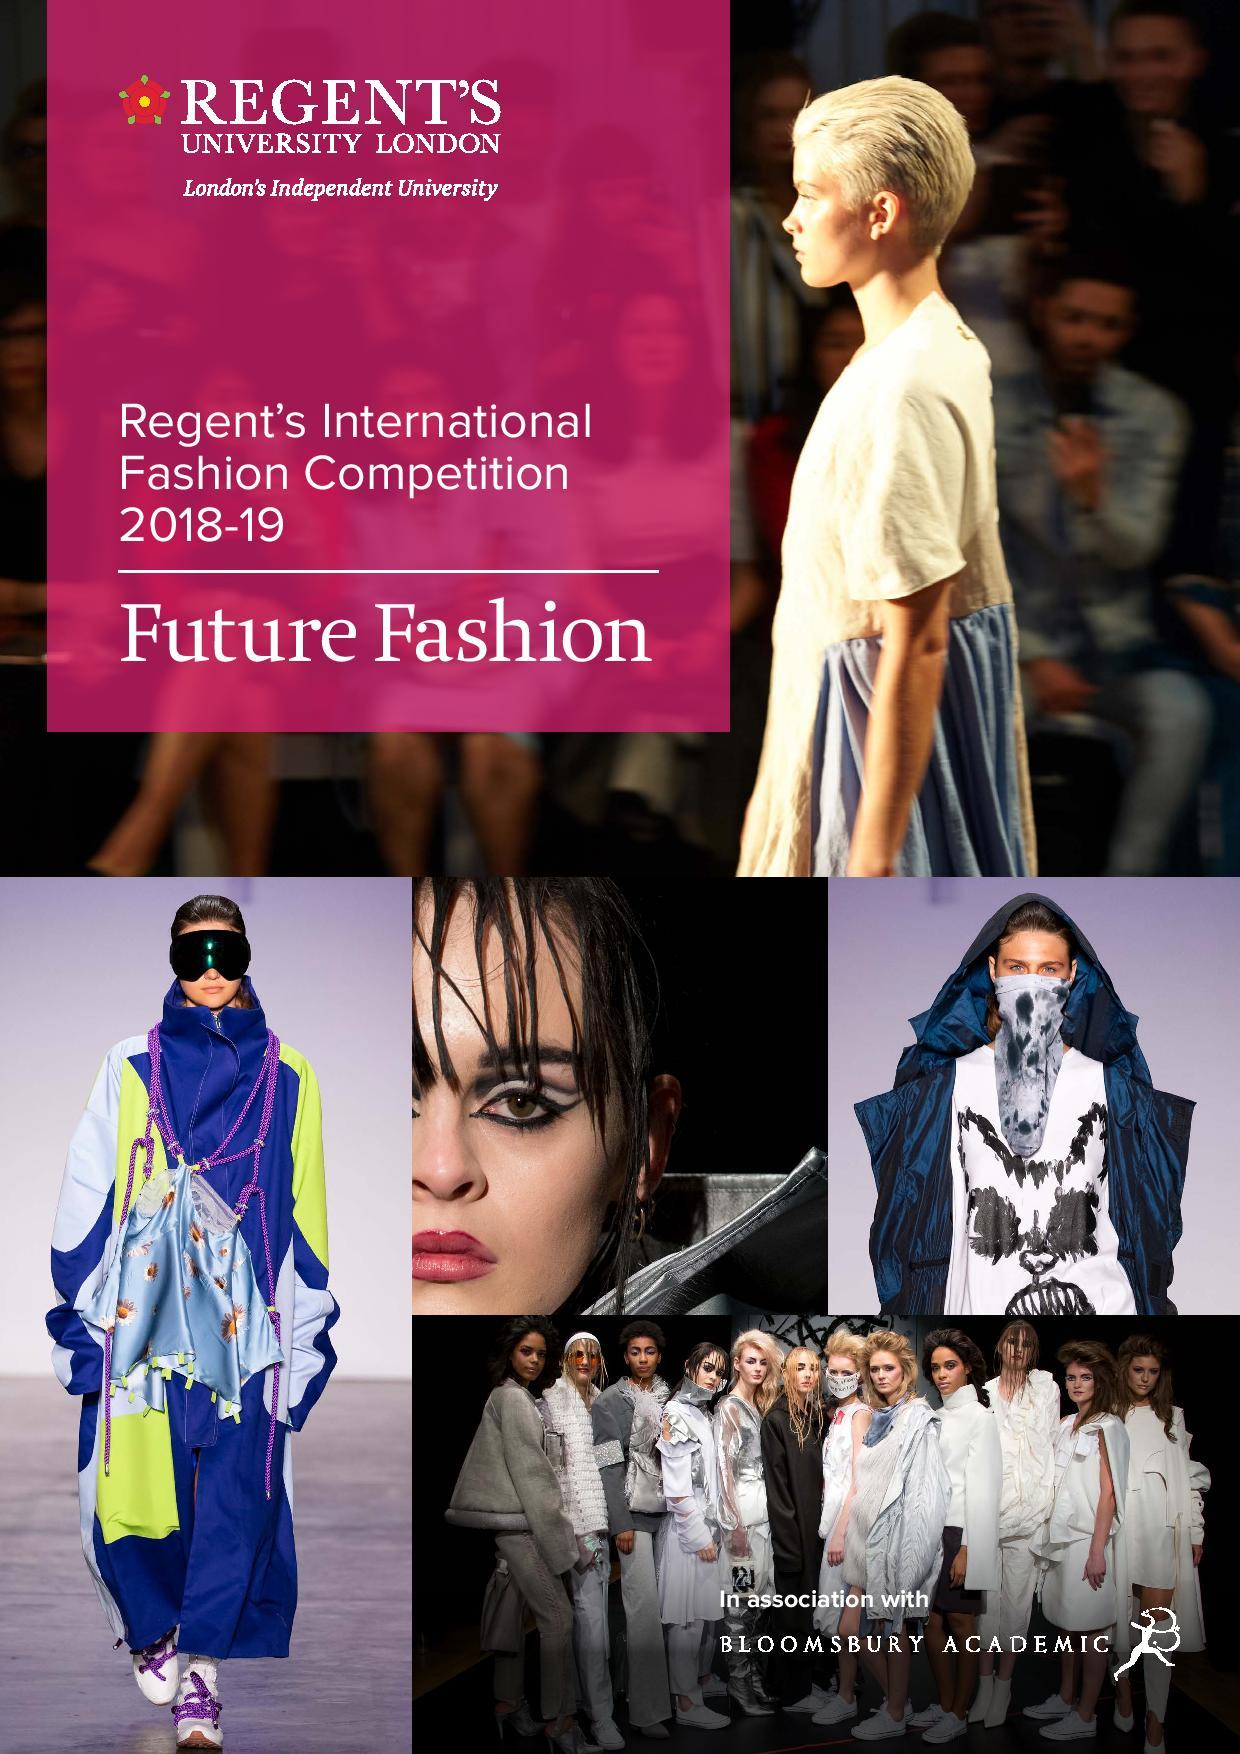 Fashion Competition 2018-19 – Future Design